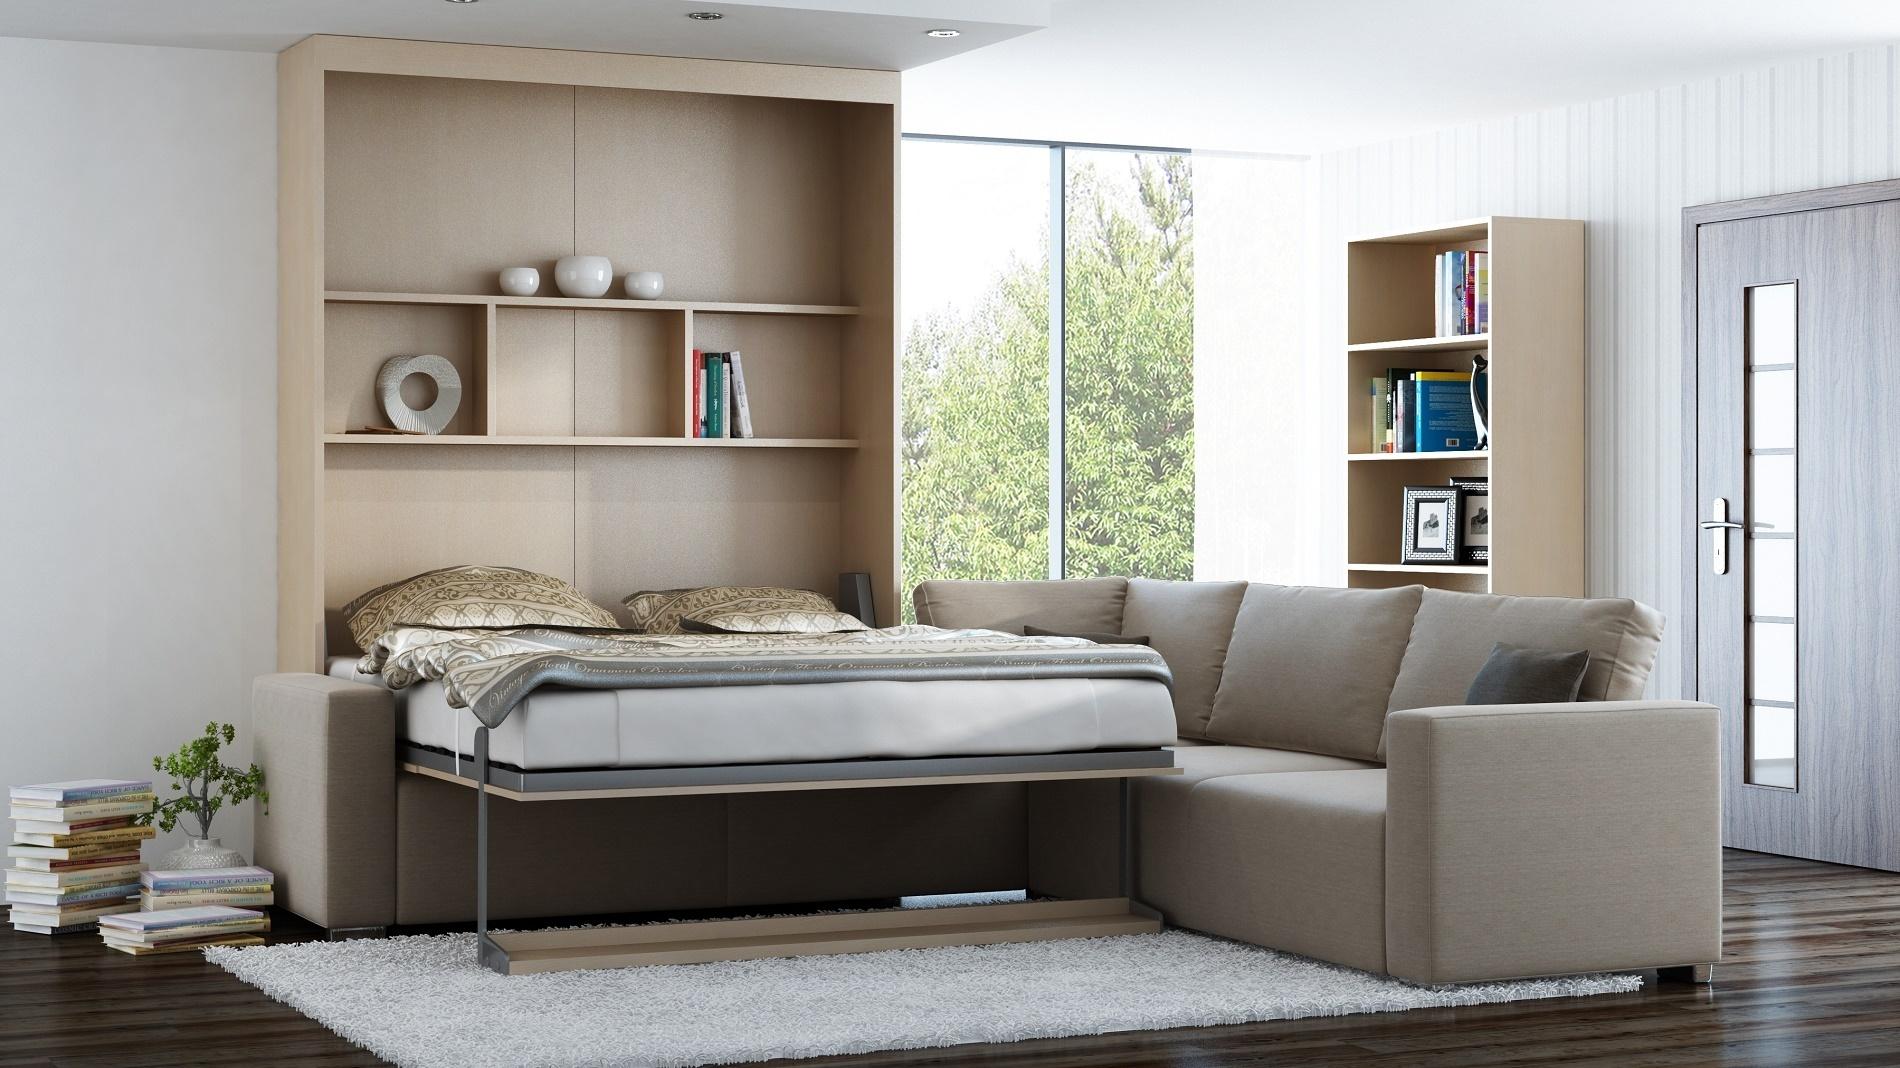 Entzückend Sofa Ecke Galerie Von Ts Möbel Wandbett Mit Leggio Linea Std-std